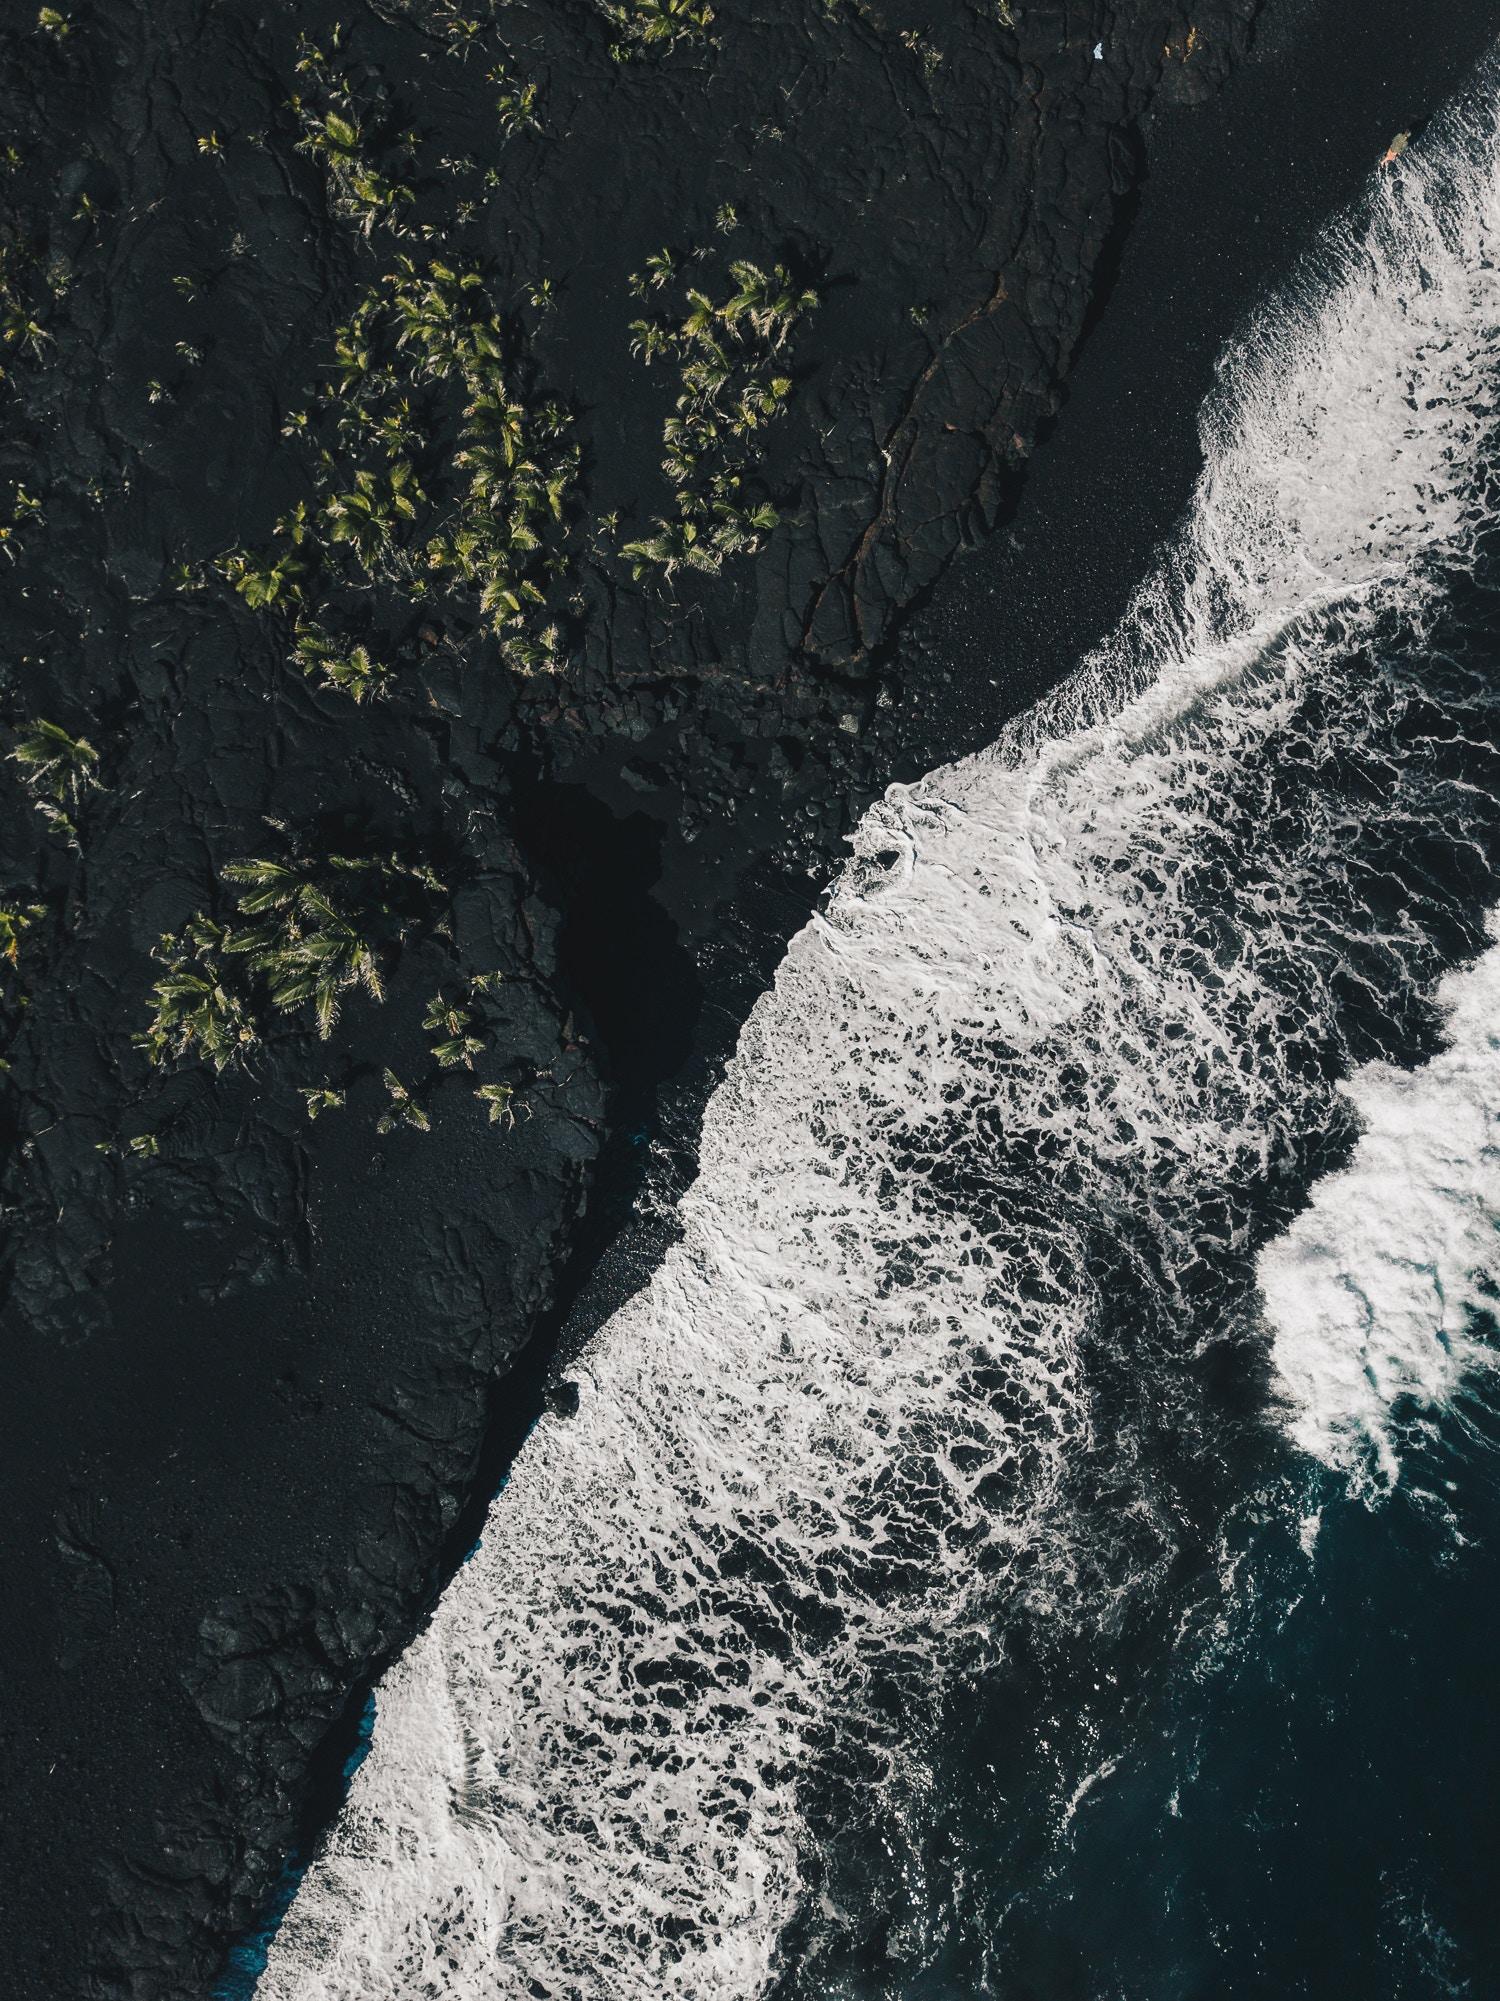 8-raisons-de-partir-en-vacances-a-hawai-plage-de-sable-noir